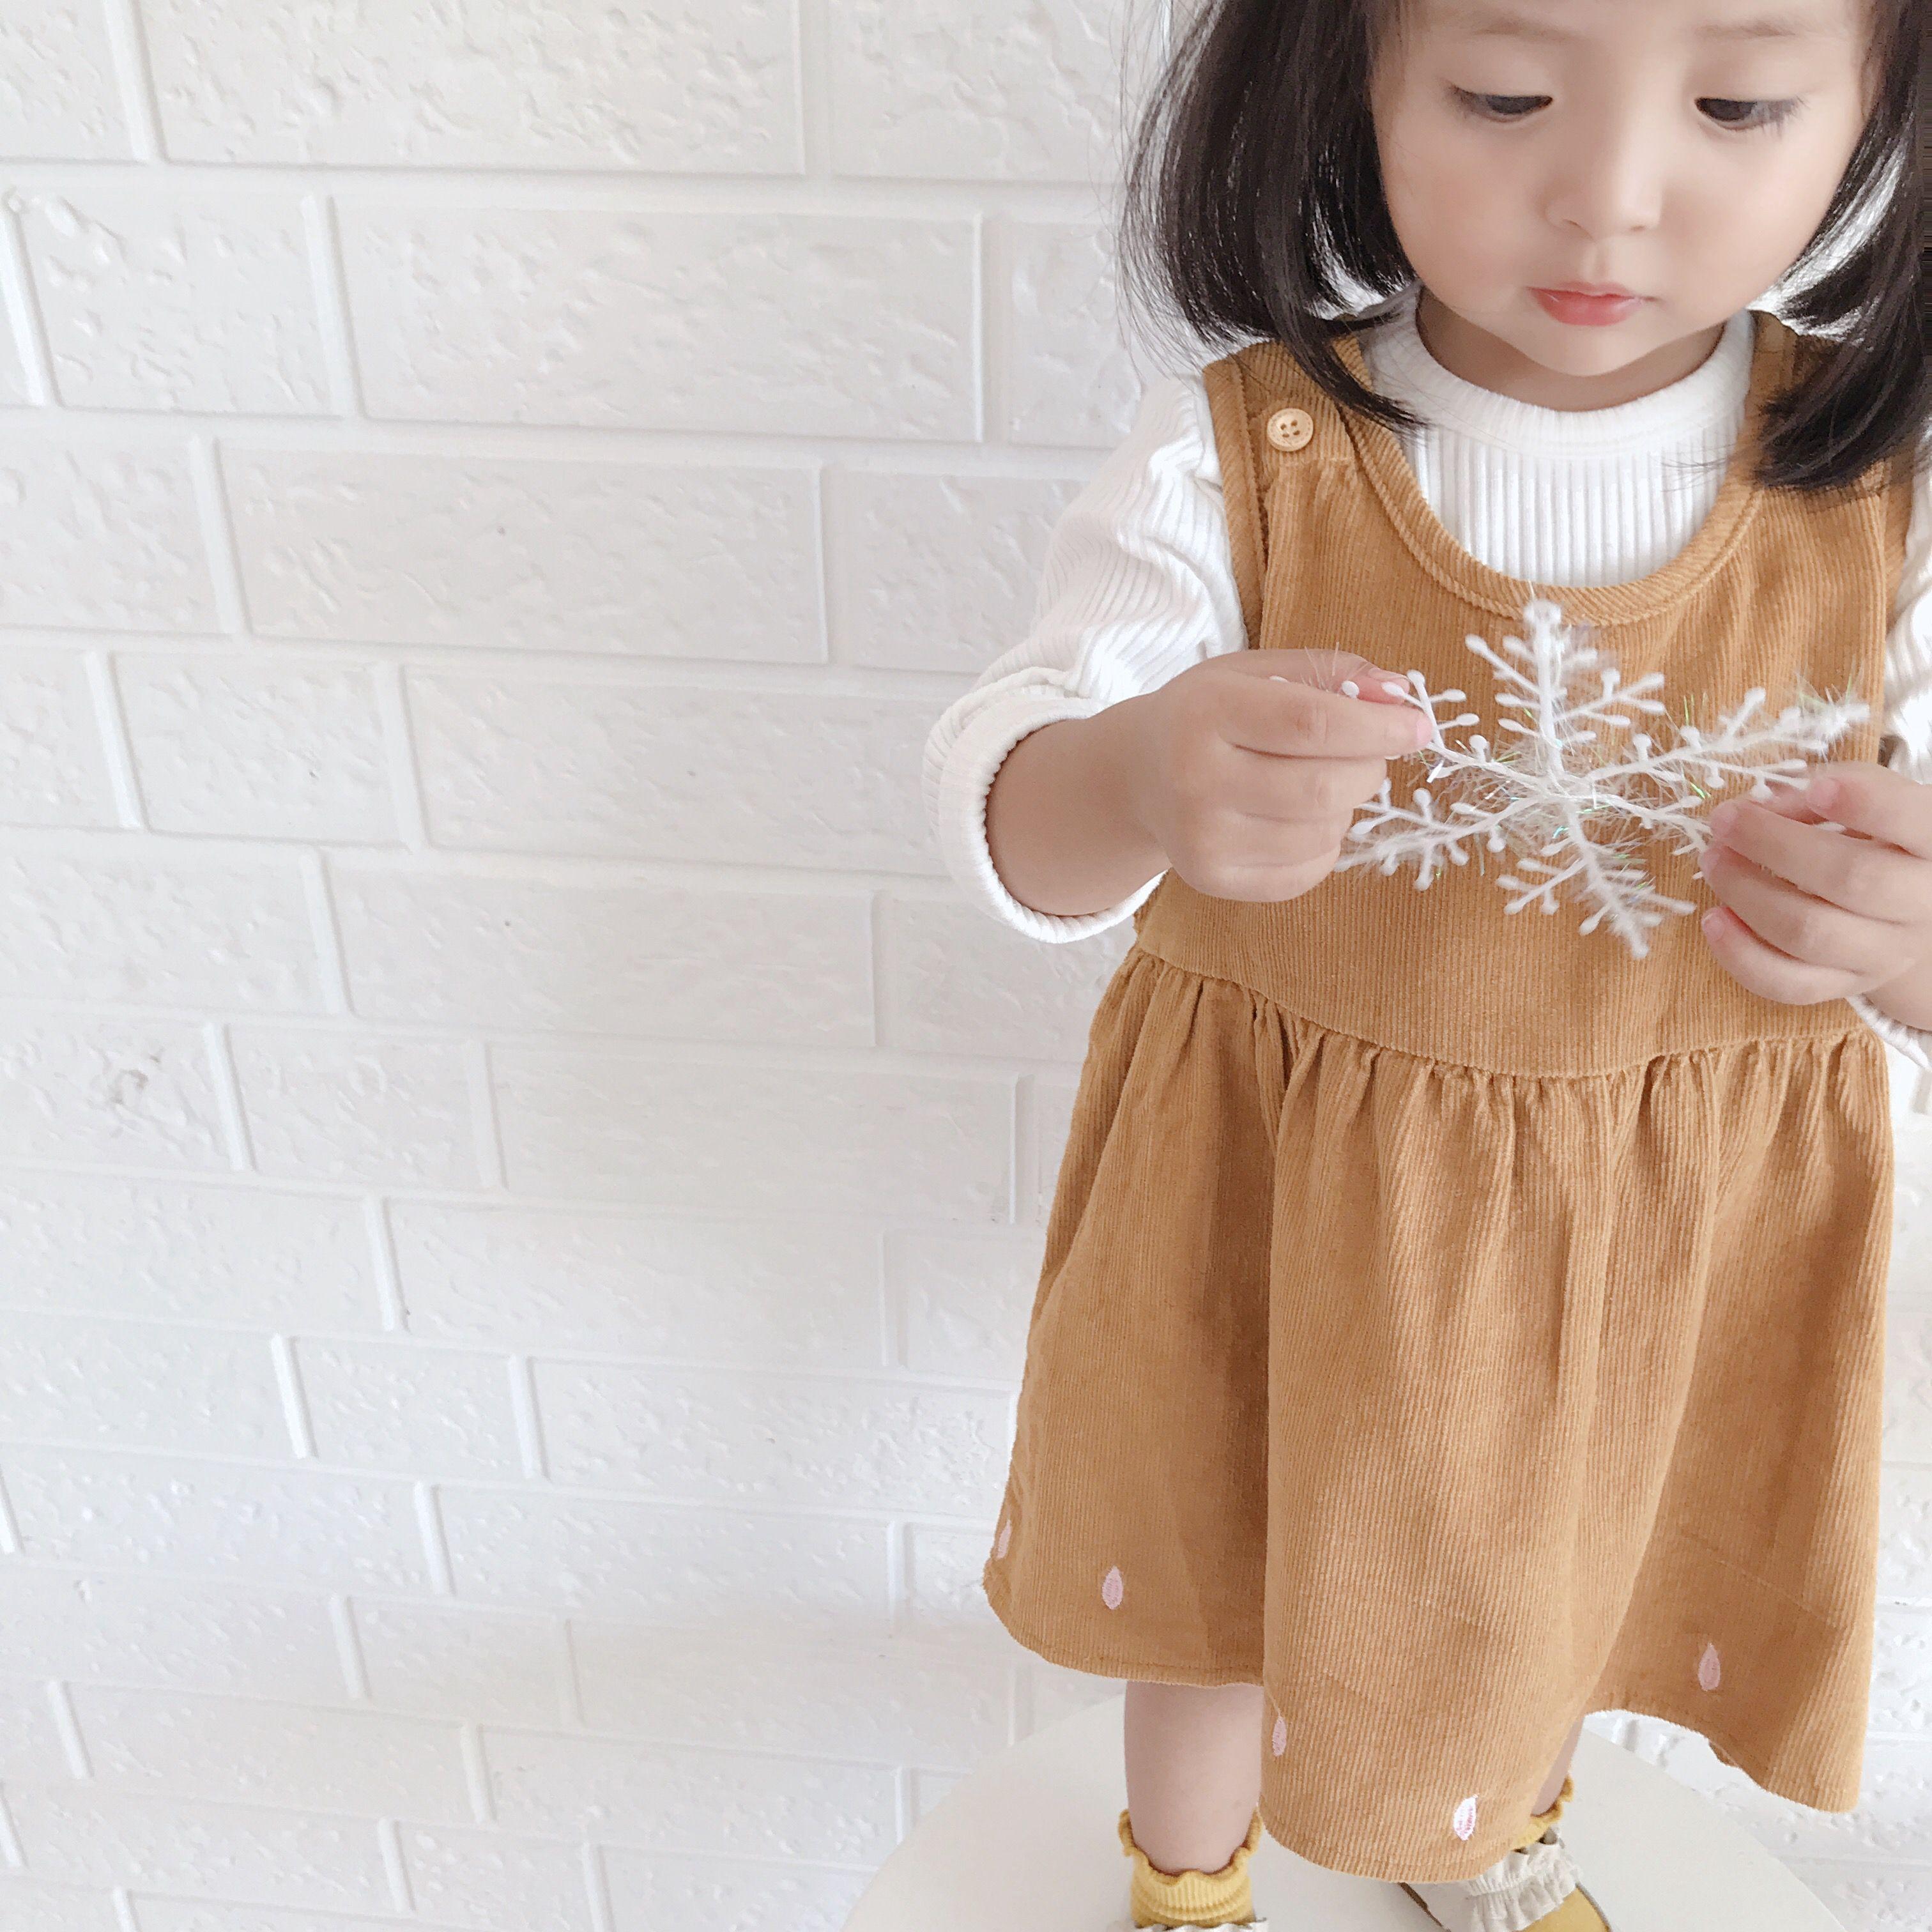 【6.1元专场】小森家婴童店 女宝宝灯芯绒背带裙